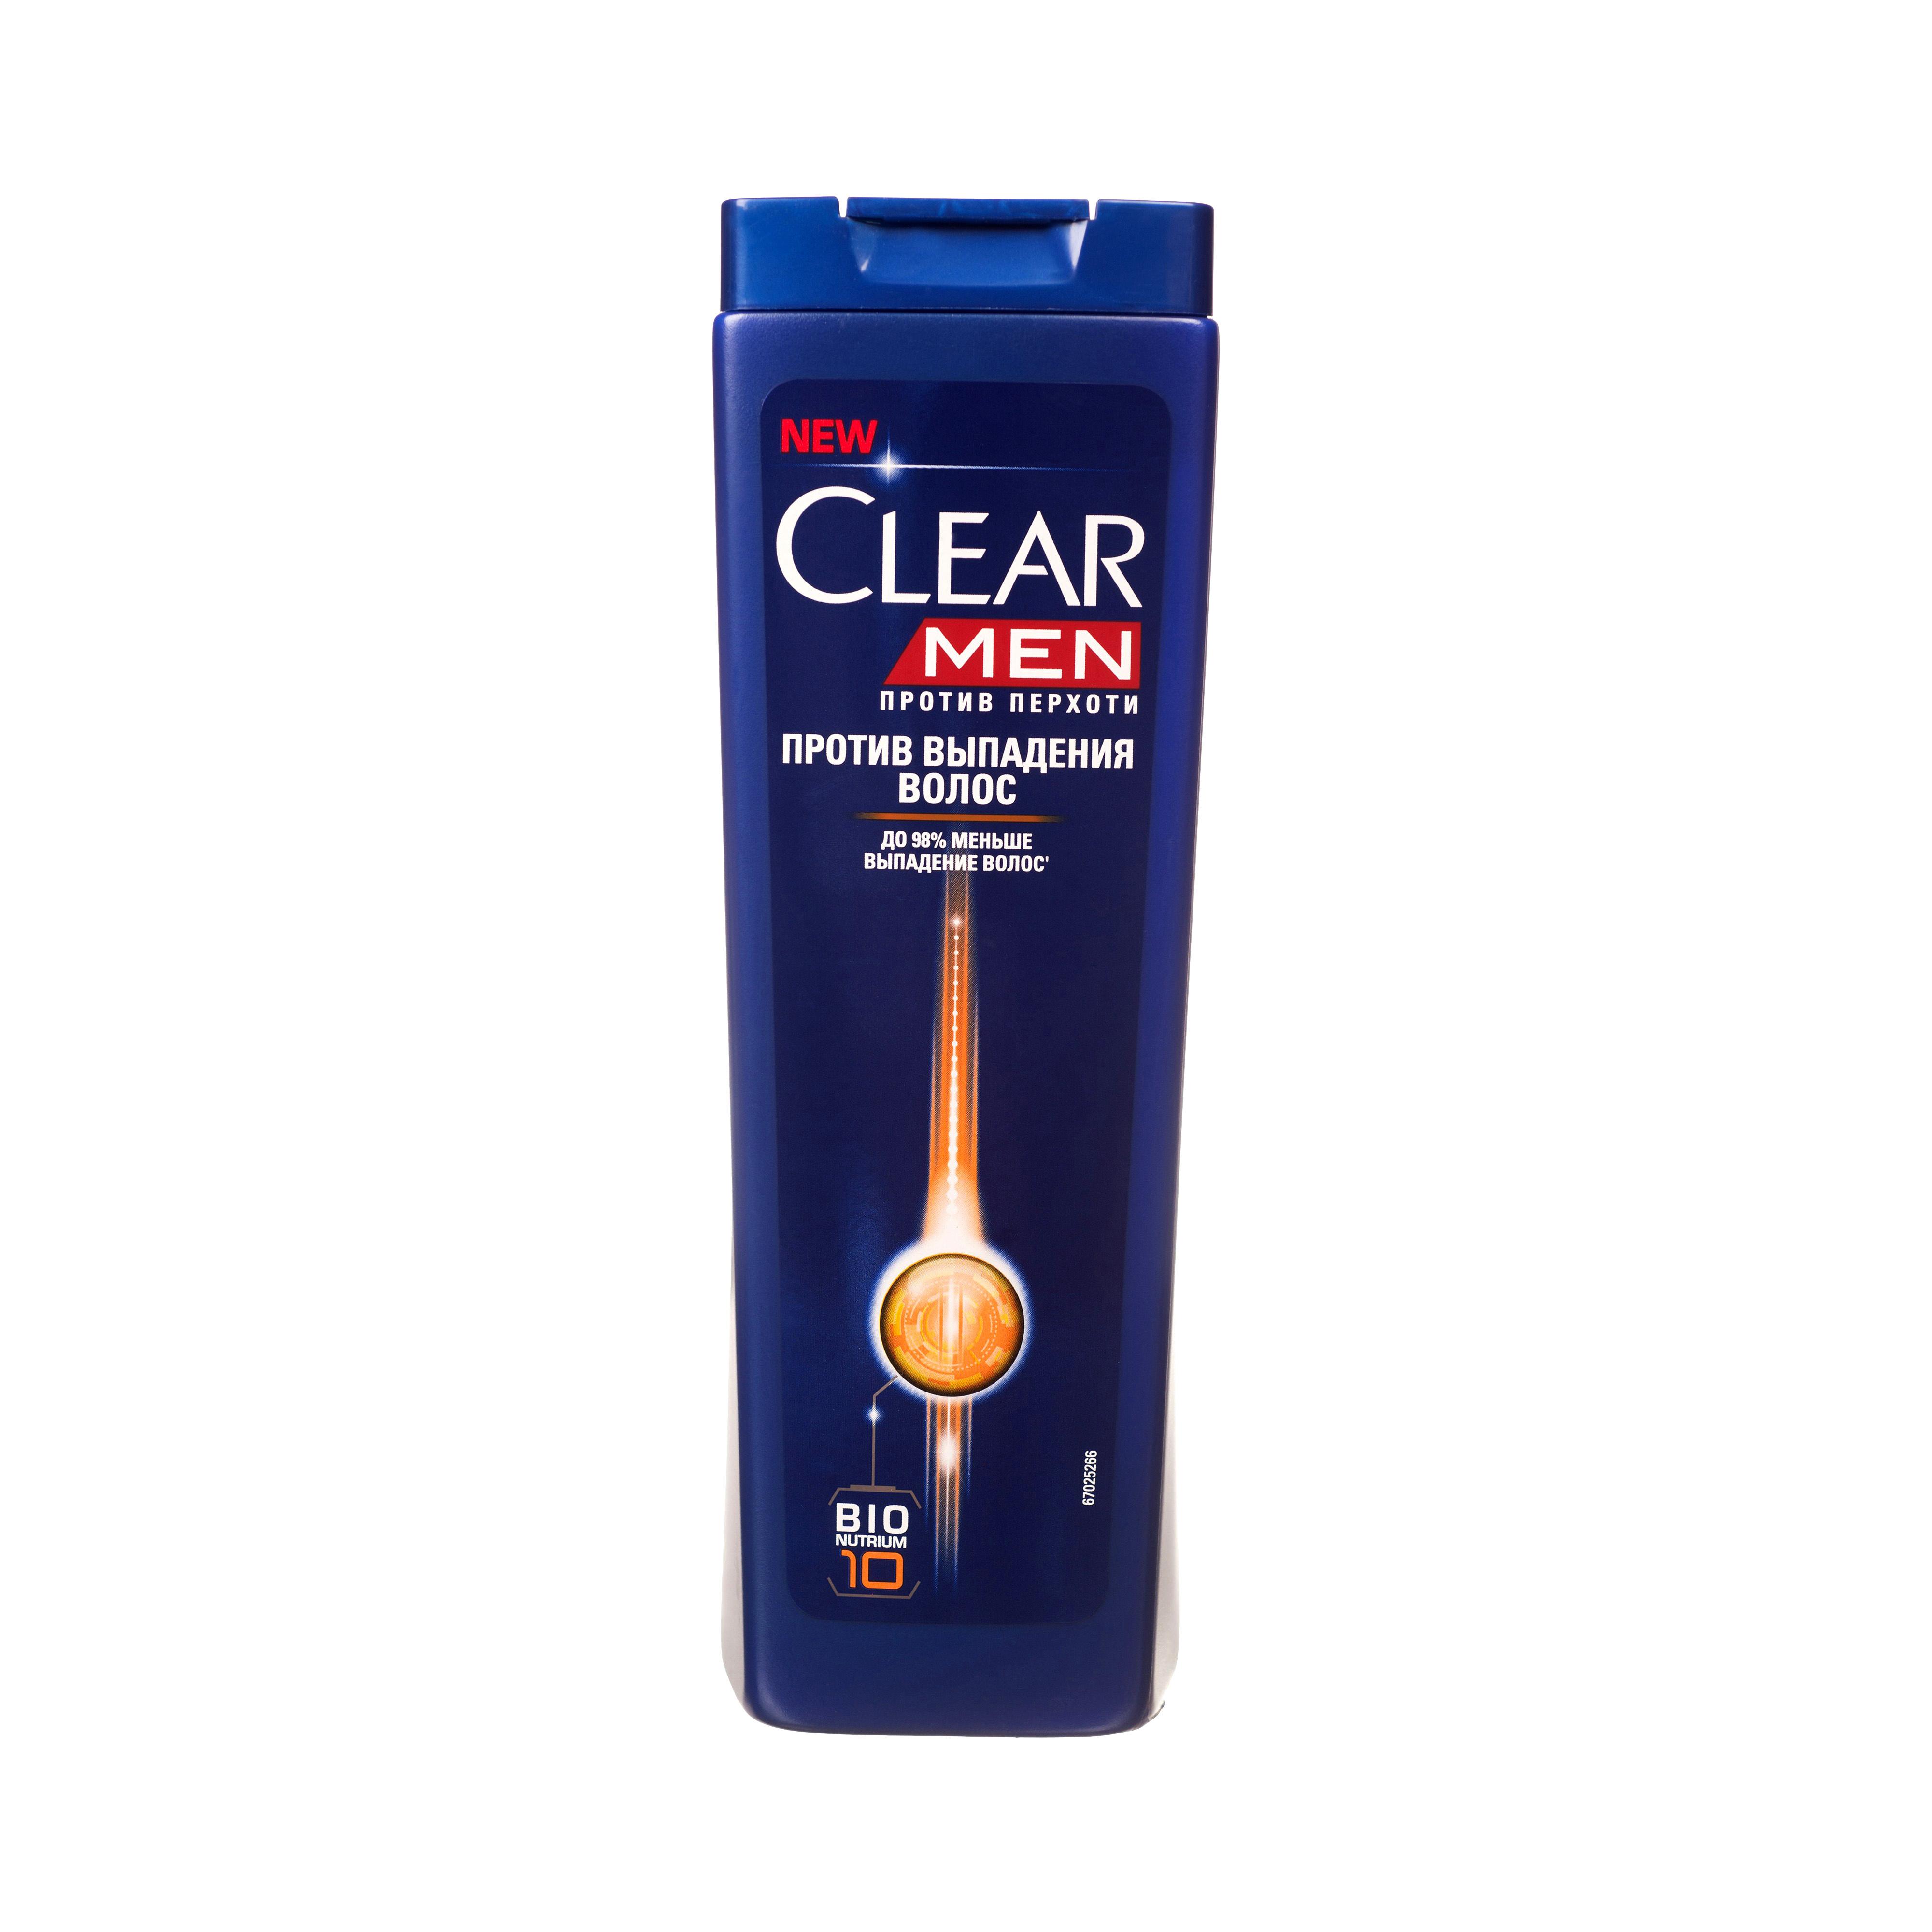 Шампунь Clear Men против перхоти против выпадения волос 400 мл фото